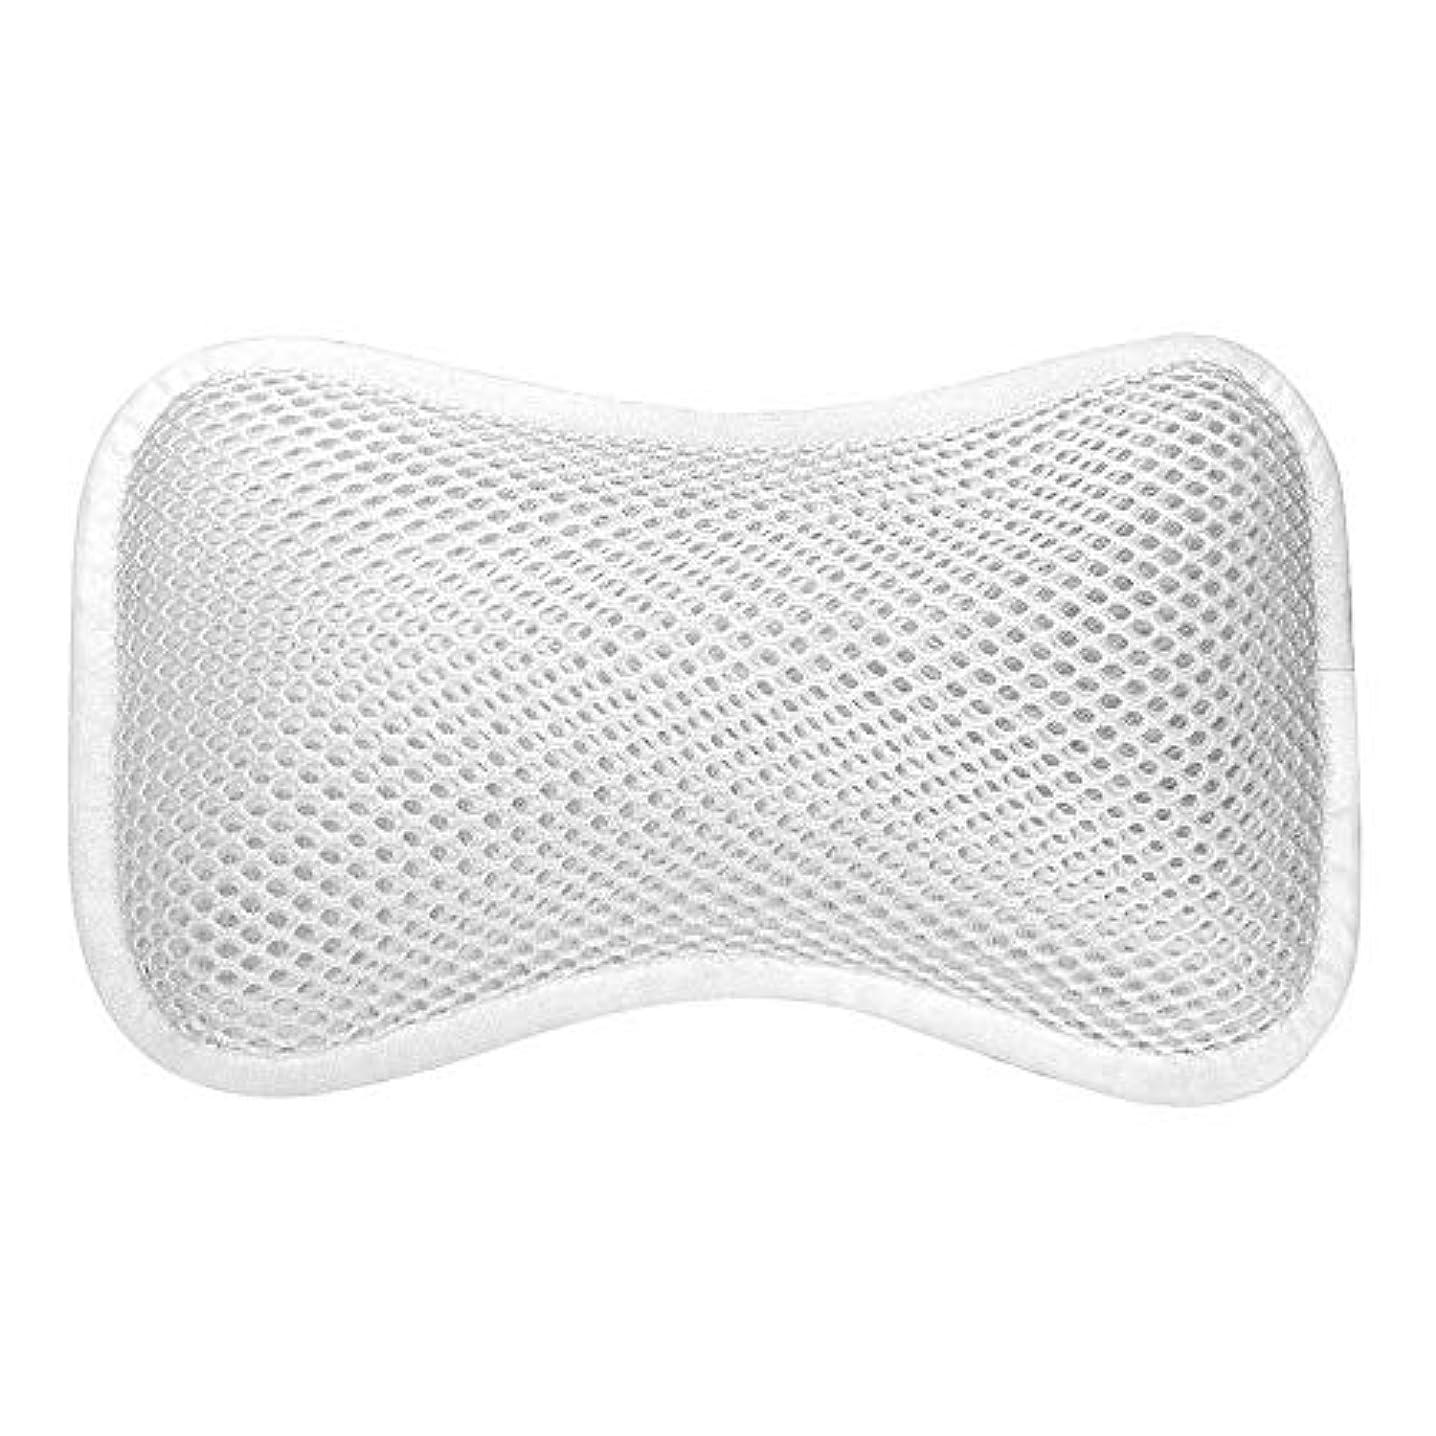 鼓舞する水分プロトタイプ3D網の骨の定形バスタブの枕、吸盤が付いている人間工学的の設計滑り止??めの浴槽の枕